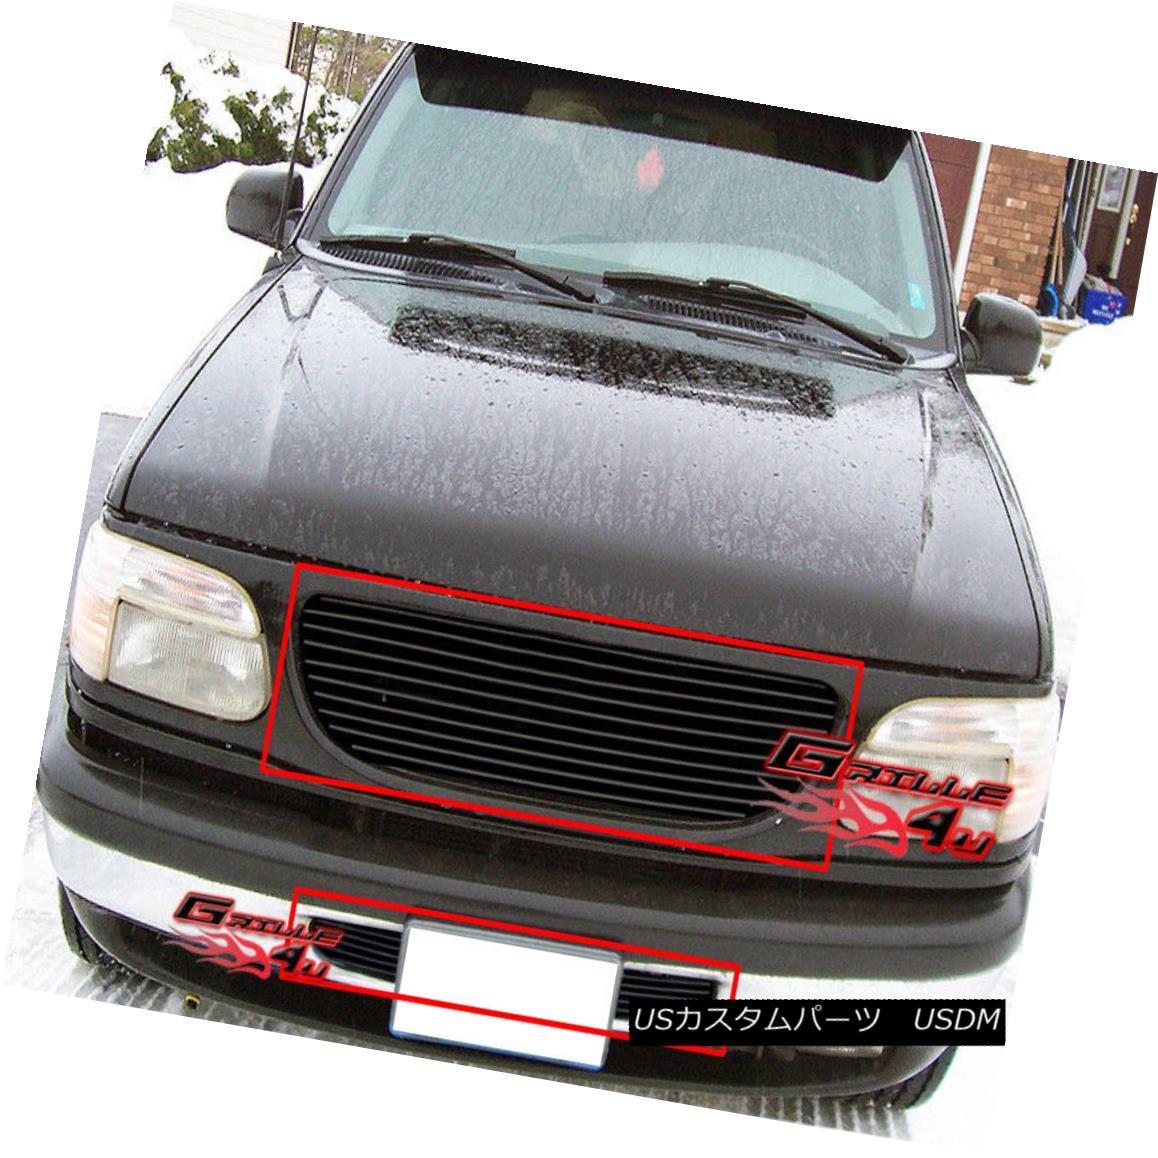 グリル Fits 95-98 Ford Explorer Black Billet Grille Combo フィット95-98フォードエクスプローラブラックビレットグリルコンボ